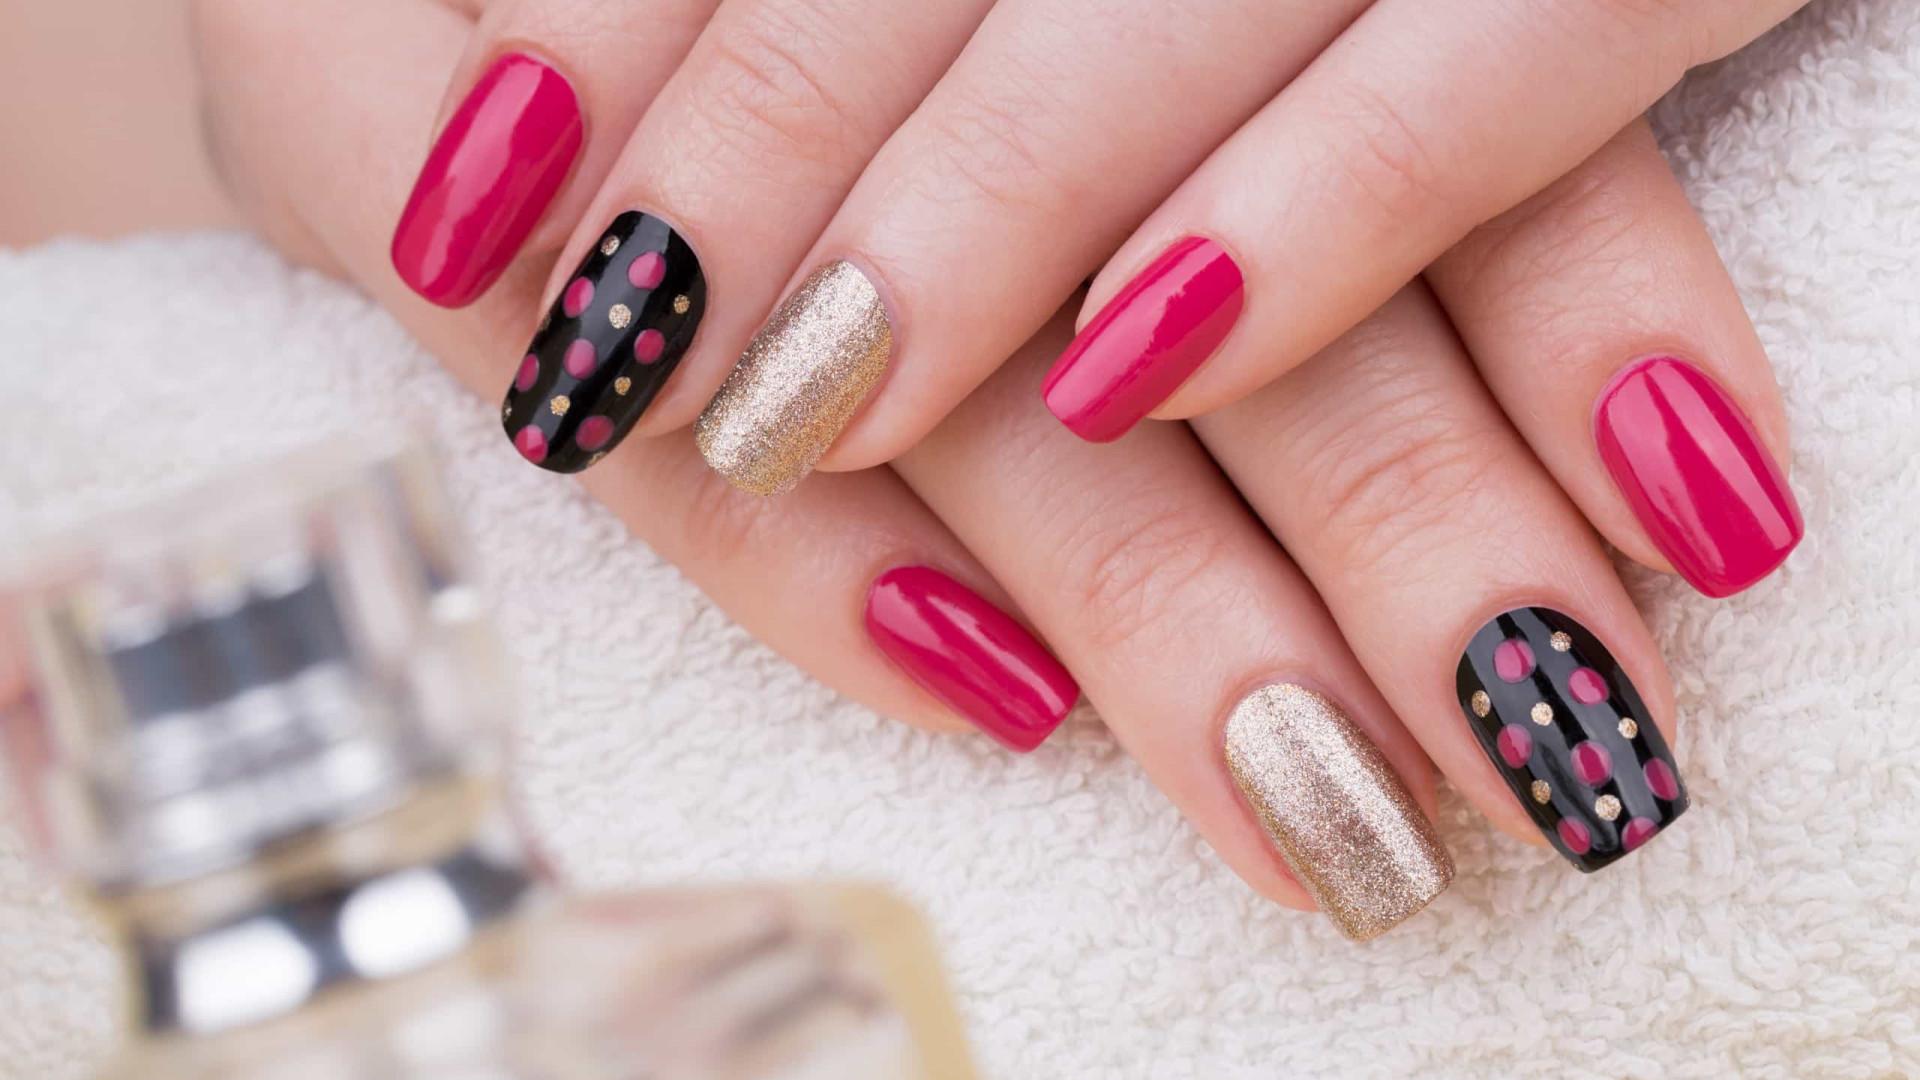 10 cuidados simples para suas unhas ficarem bonitas e saudáveis